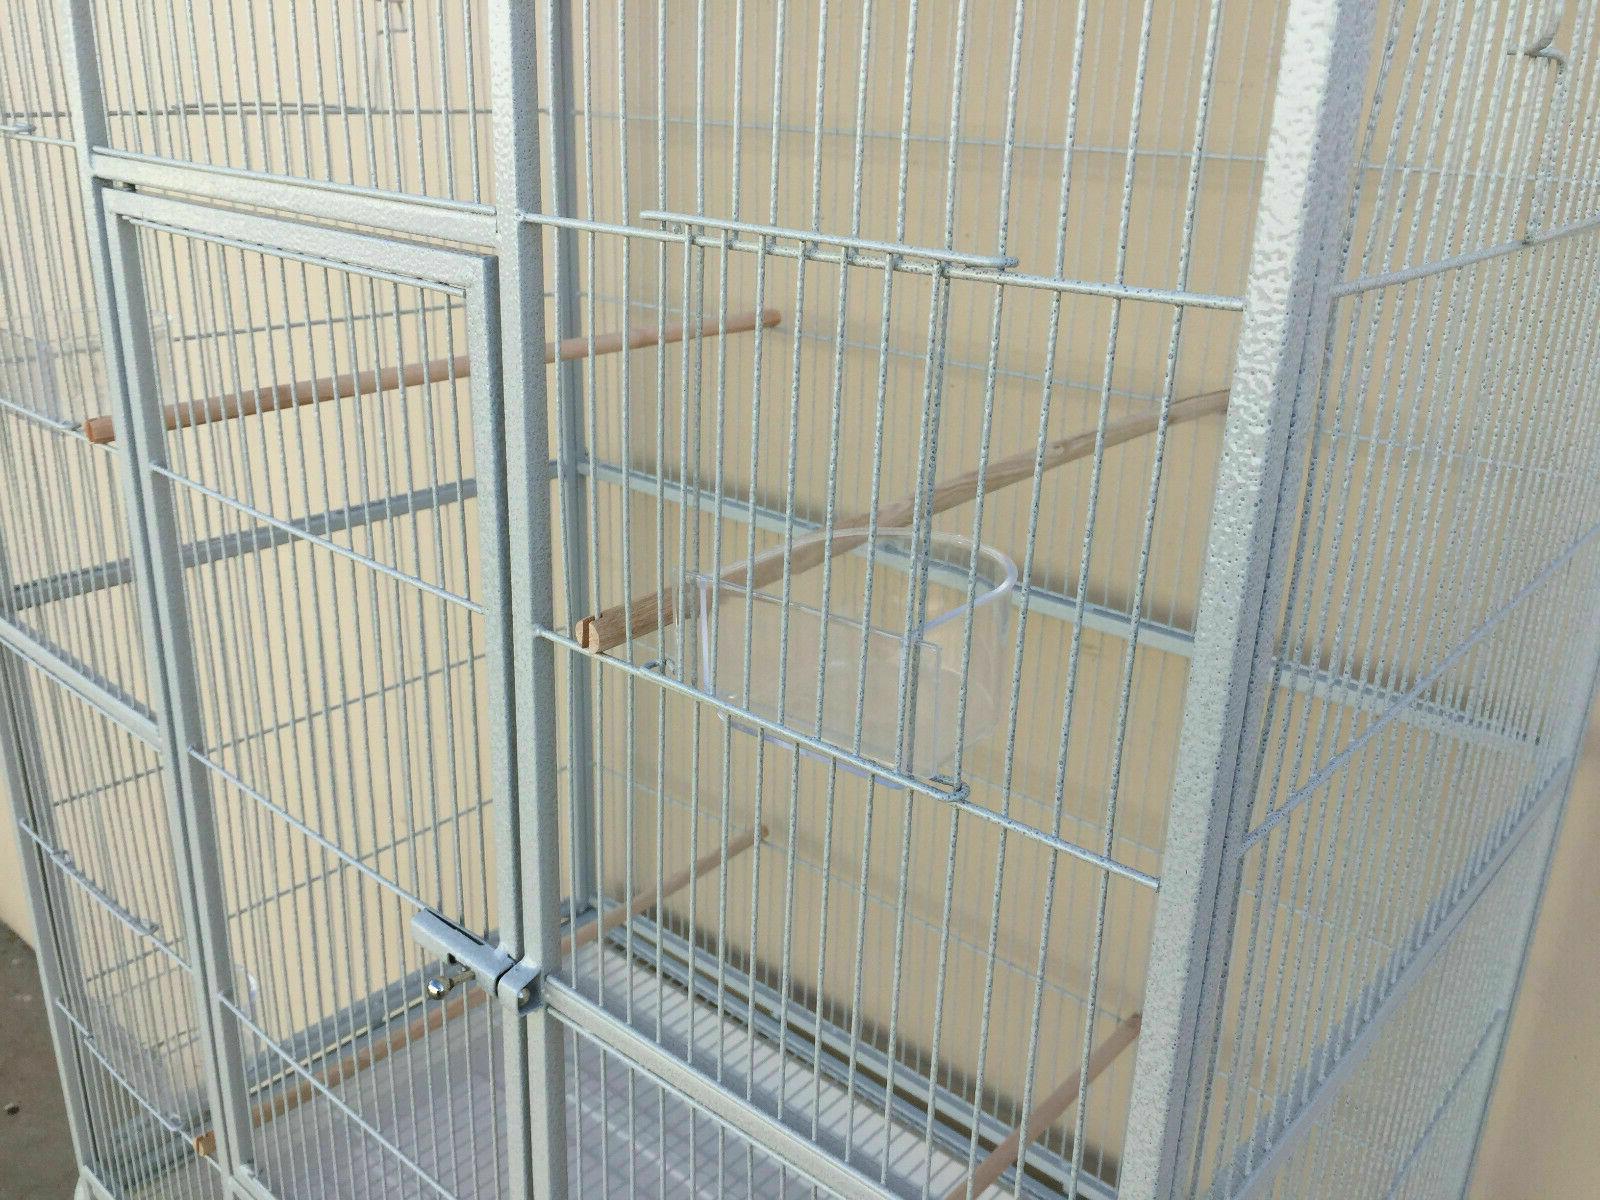 LARGE Double Flight Bird Cage Canary Aviary